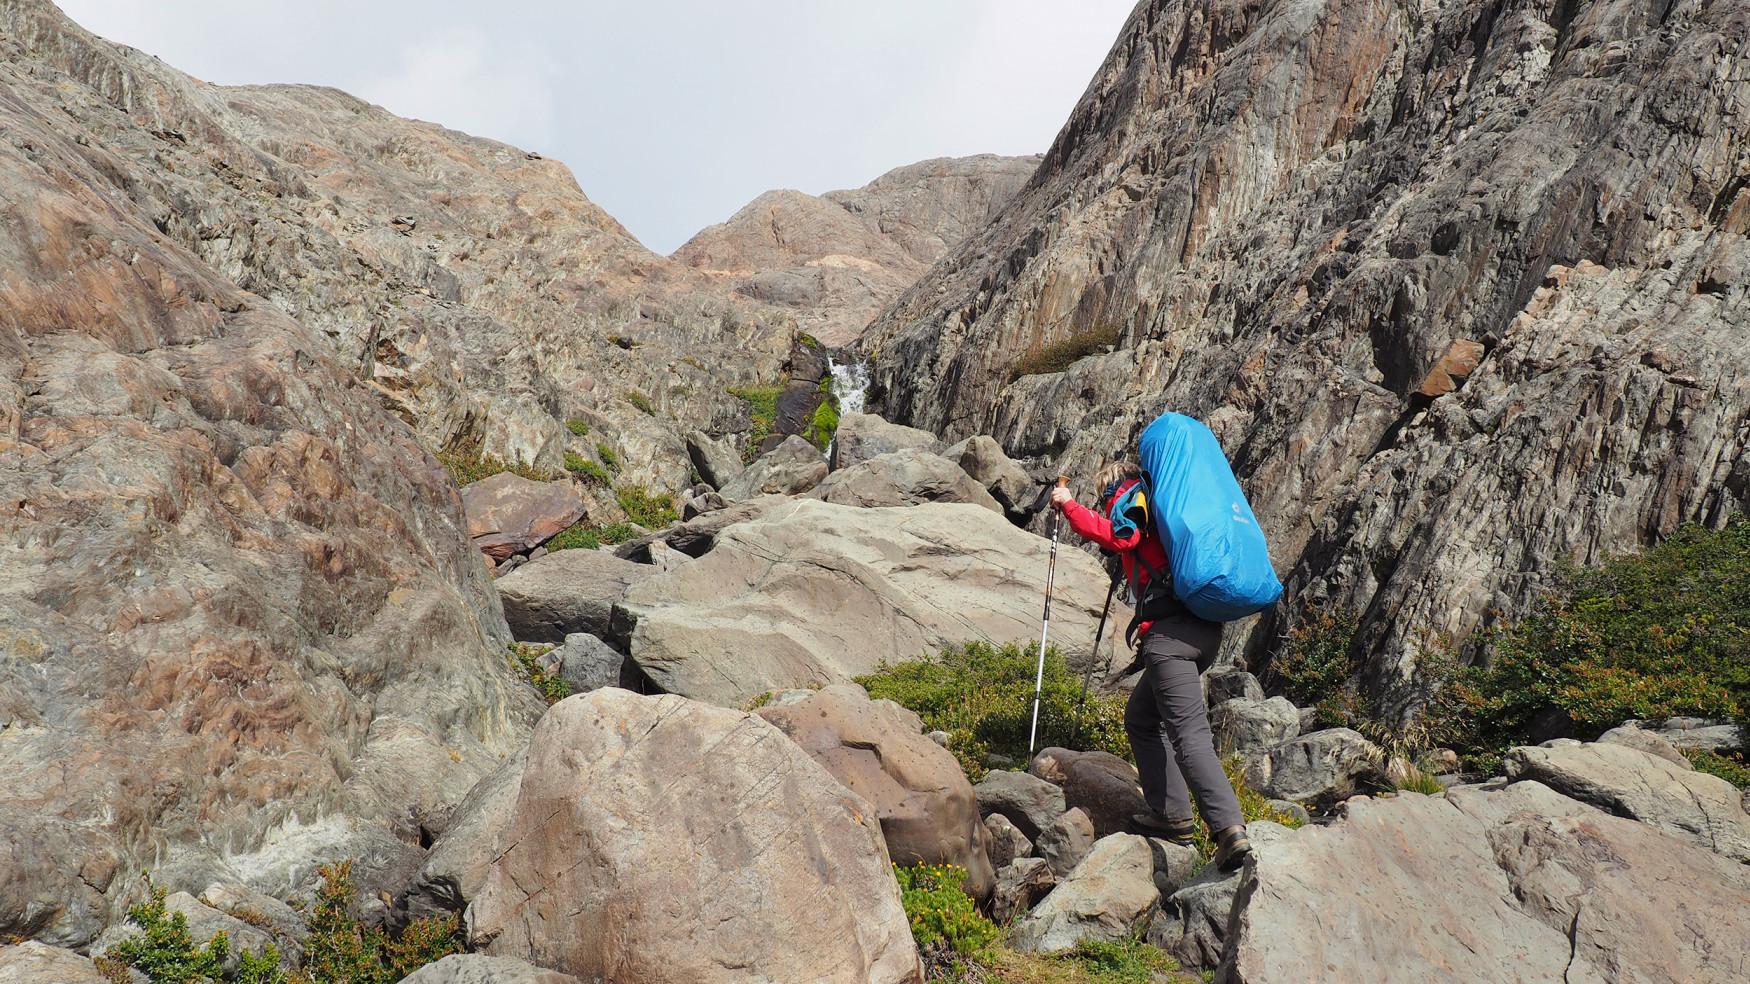 De anatomie van een vrouwenvoet stelt bijzondere eisen. LOWA heeft dit onderwerp opgepakt en de TIBET LL Ws ontwikkeld, een robuuste trekkingschoen voor vrouwen die het uitstekend doet op klettersteigen, meerdaagse tochten in de Alpen of op bijzonder veeleisende paden.